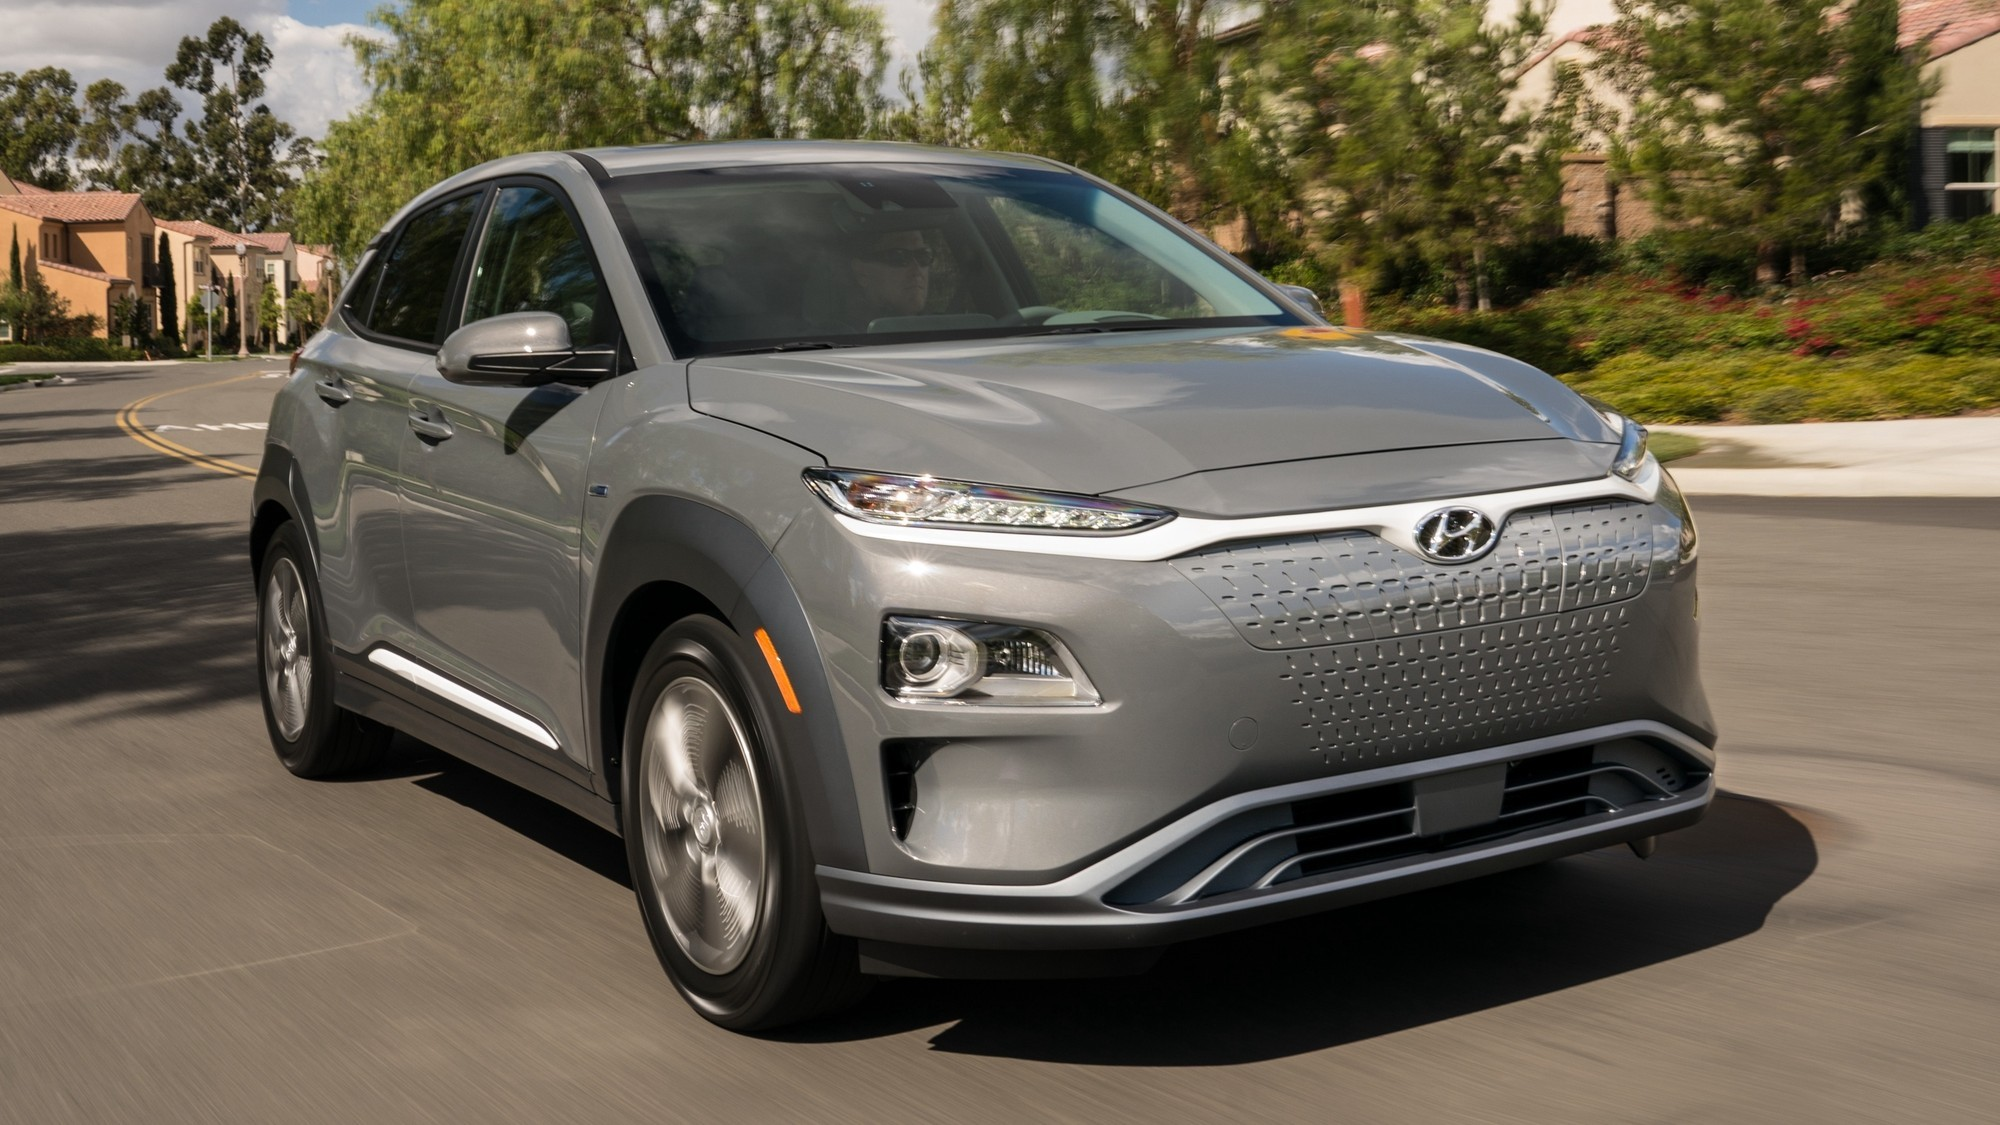 Hyundai отзовёт взрывающиеся кроссоверы Kona Electric, но пока не знает, что с ними не так